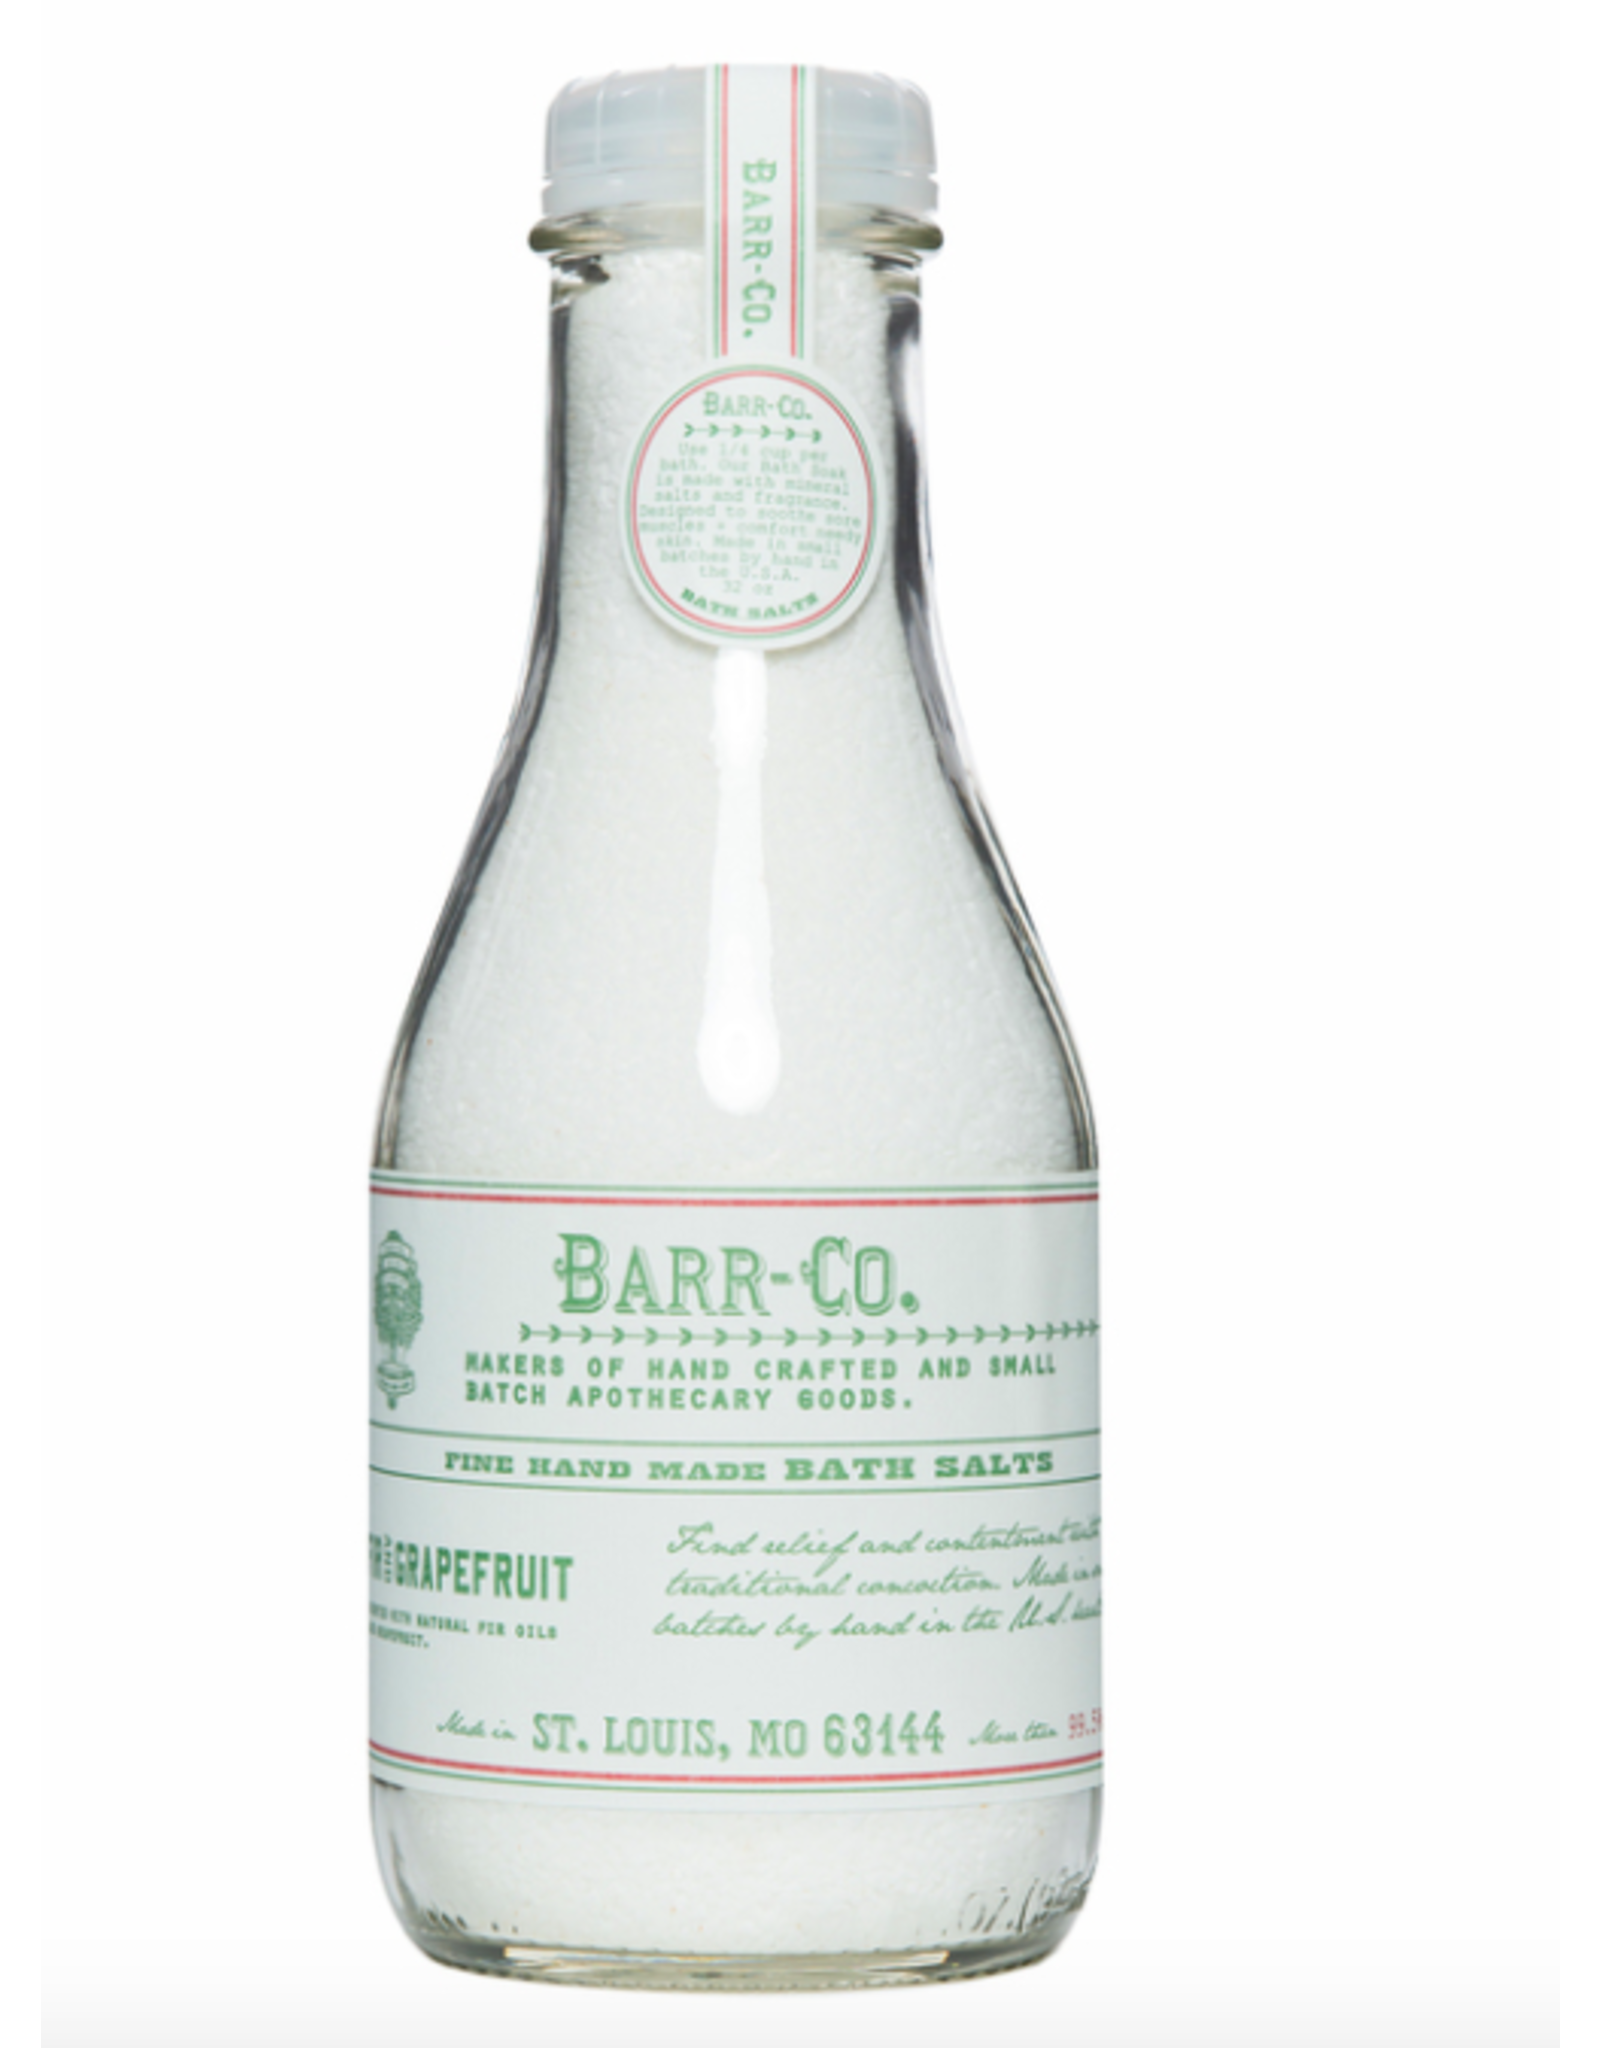 Barr-Co Fir & Grapefruit Bath Soak - 32oz